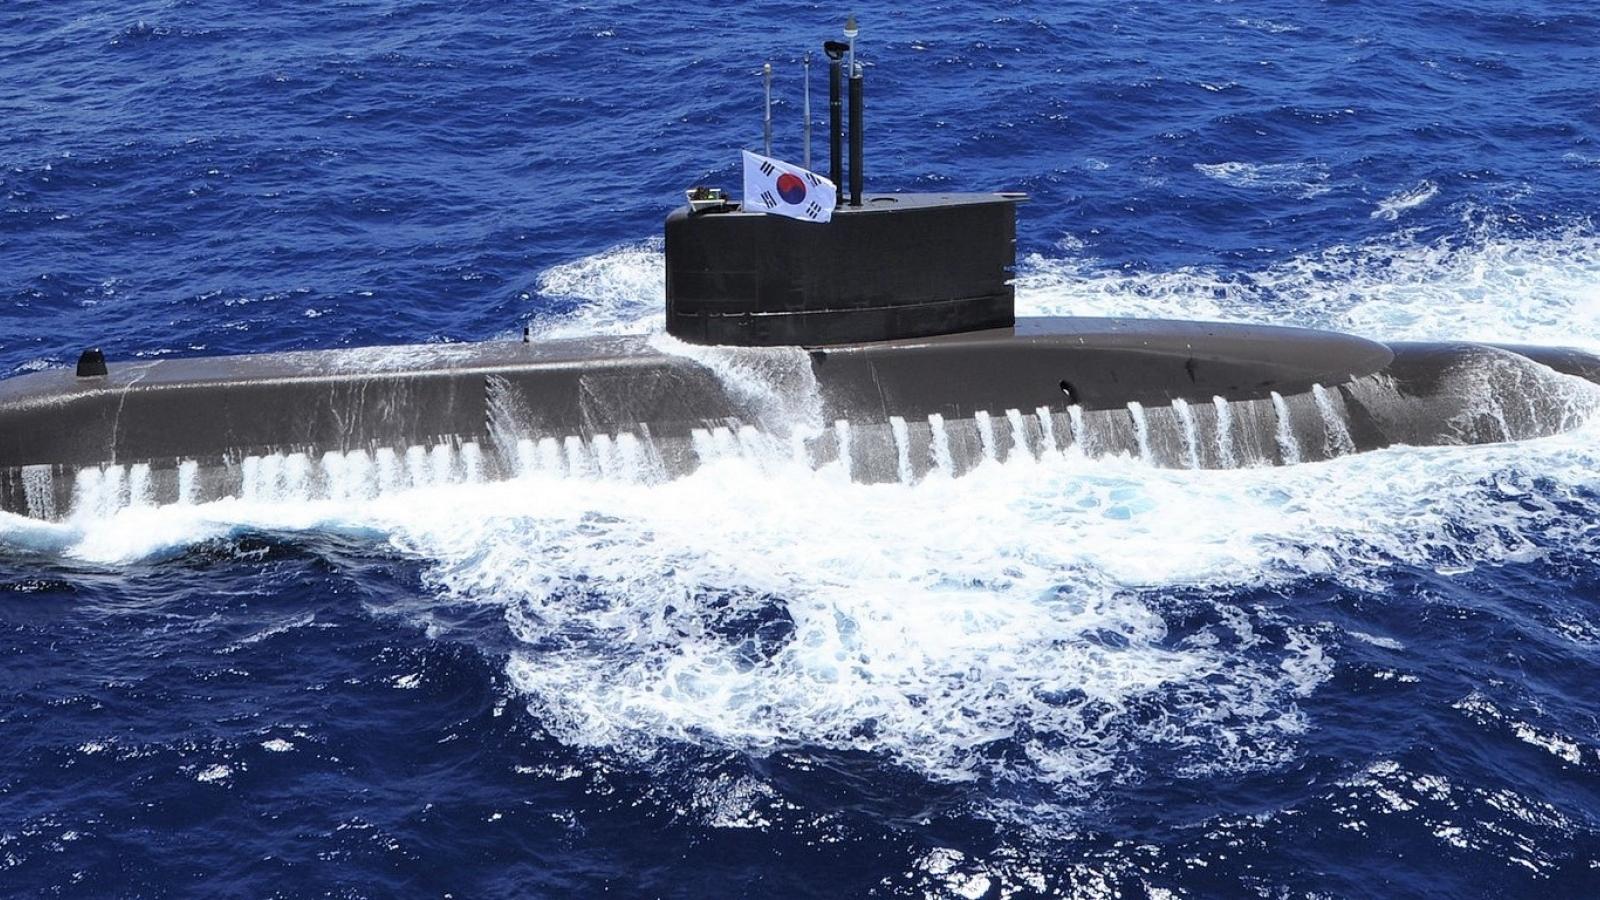 Đến lượt Hàn Quốc ước mơ tàu ngầm chạy bằng năng lượng nguyên tử